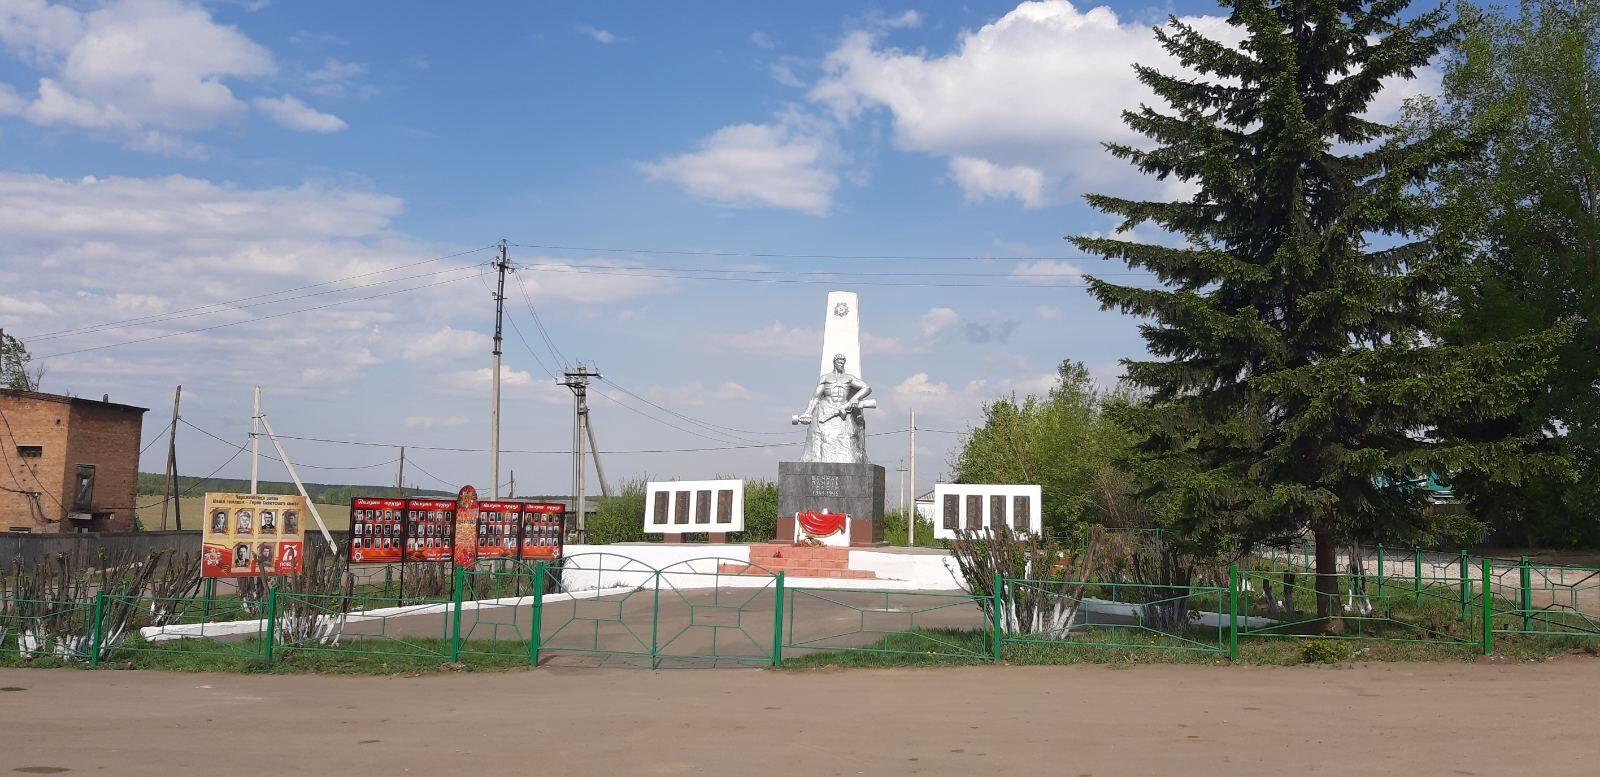 Продолжается презентация поселений в рамках Конкурса на лучшее муниципальное образование Черемховского района